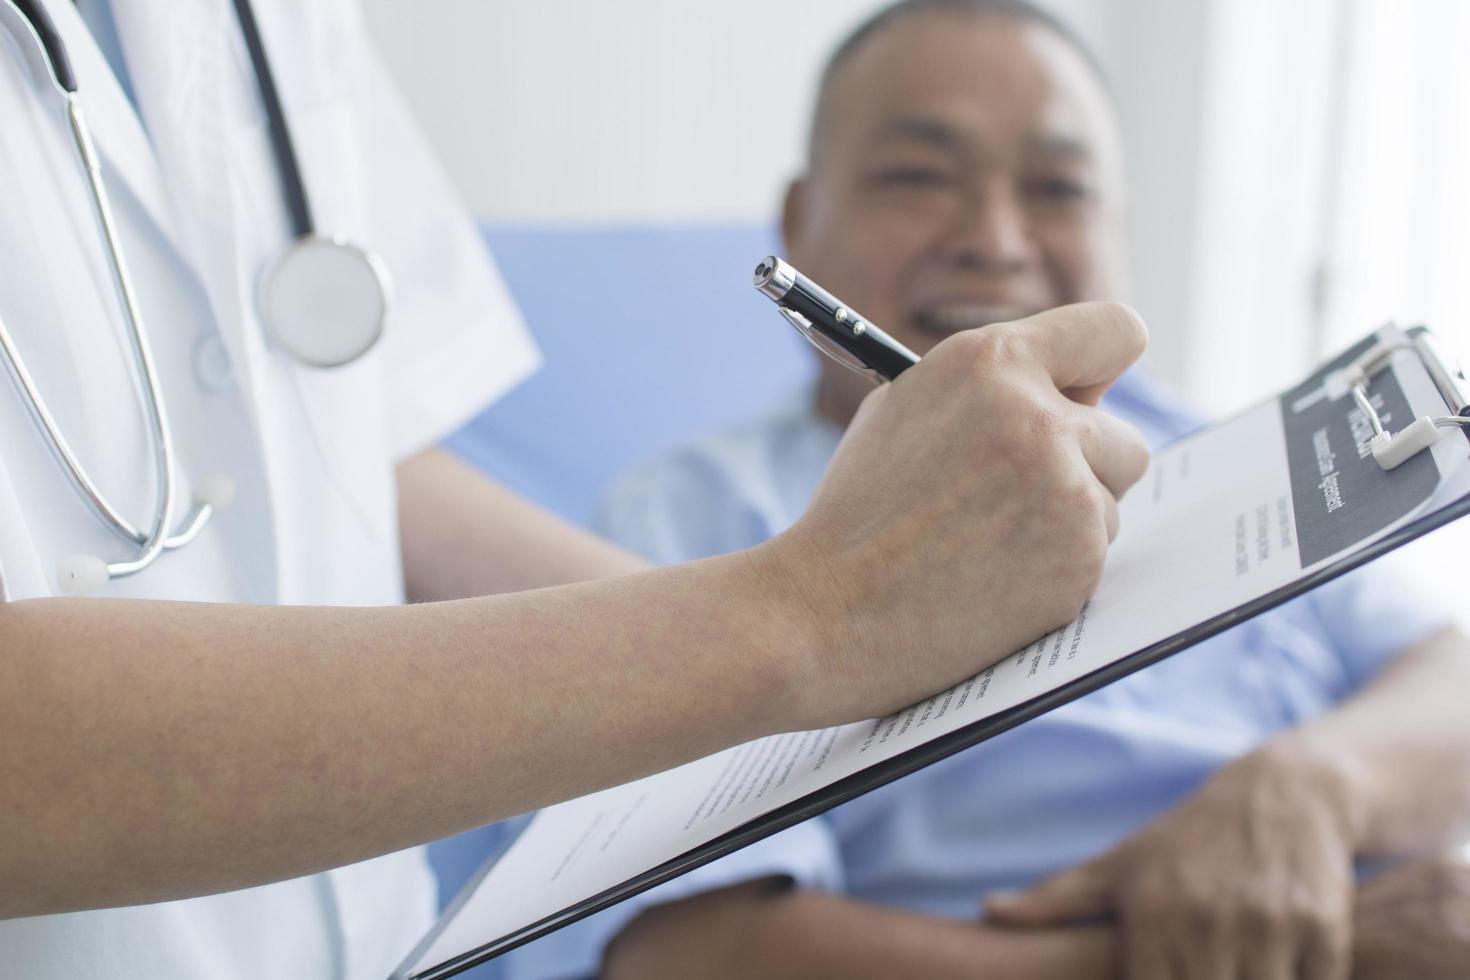 arts die aantekeningen maakt op het klembord voor de patiënt foto